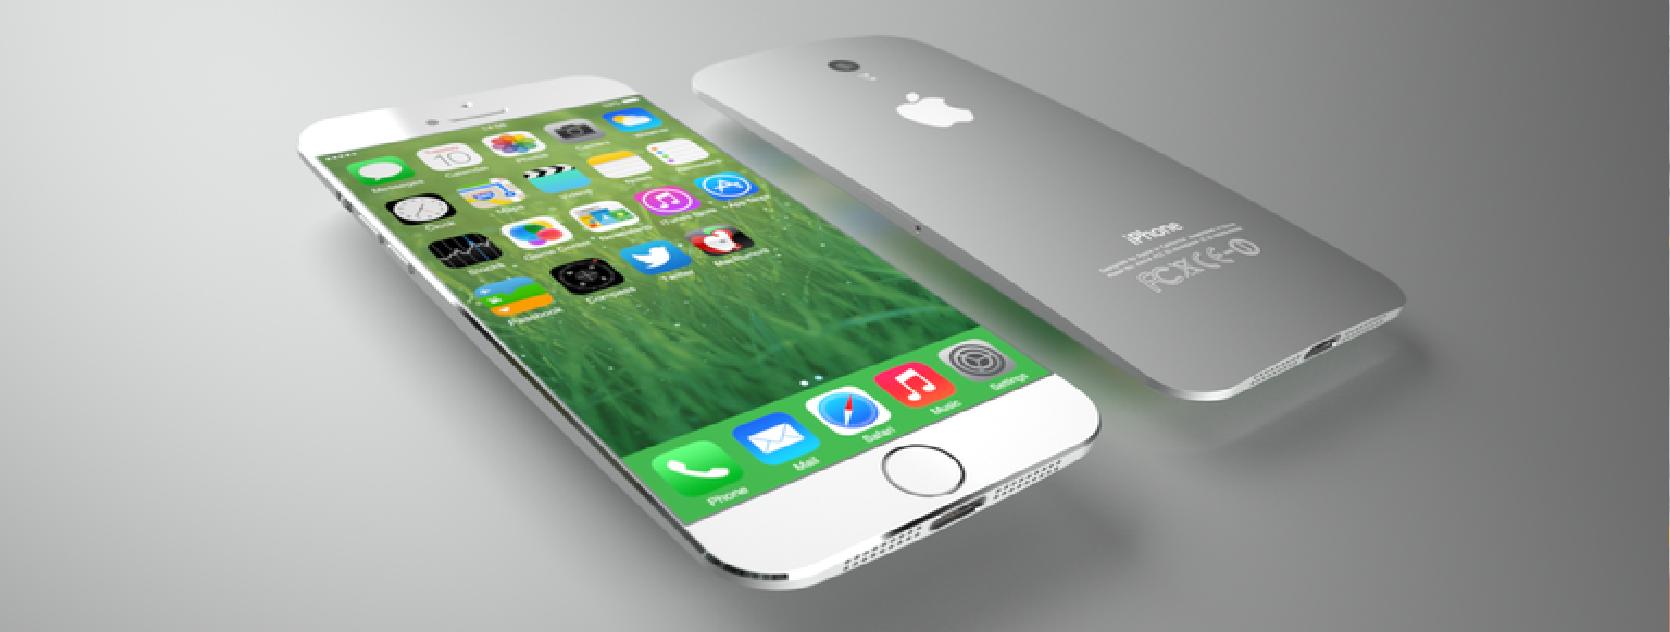 Rumores, verdades e mitos sobre o iPhone 7